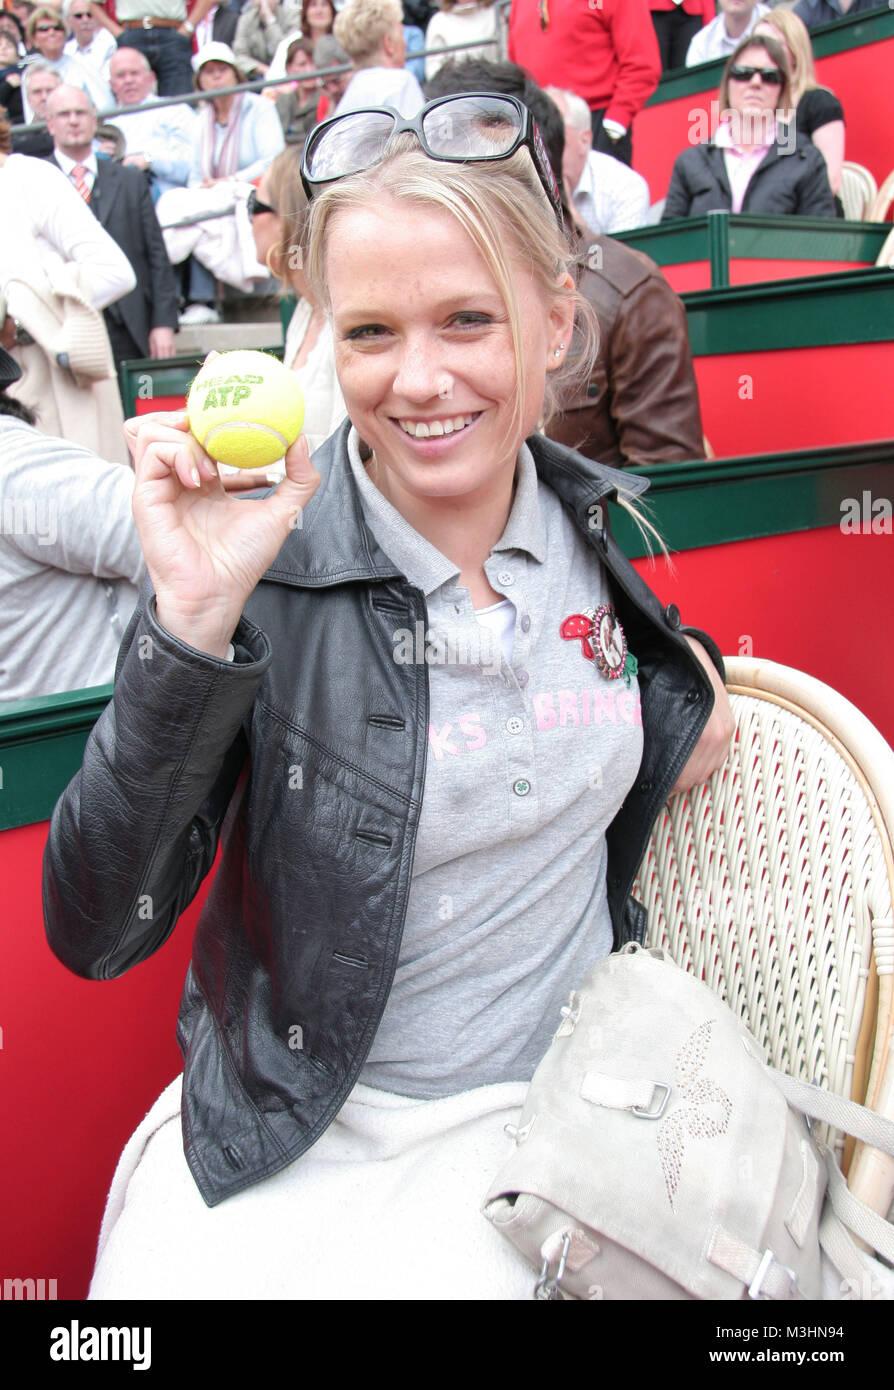 Nova Meierhenrich erwischte einen Ball    ATP Mater Series am Rothenbaum Hamburg - Finale von Rafael Nadal und Roger - Stock Image